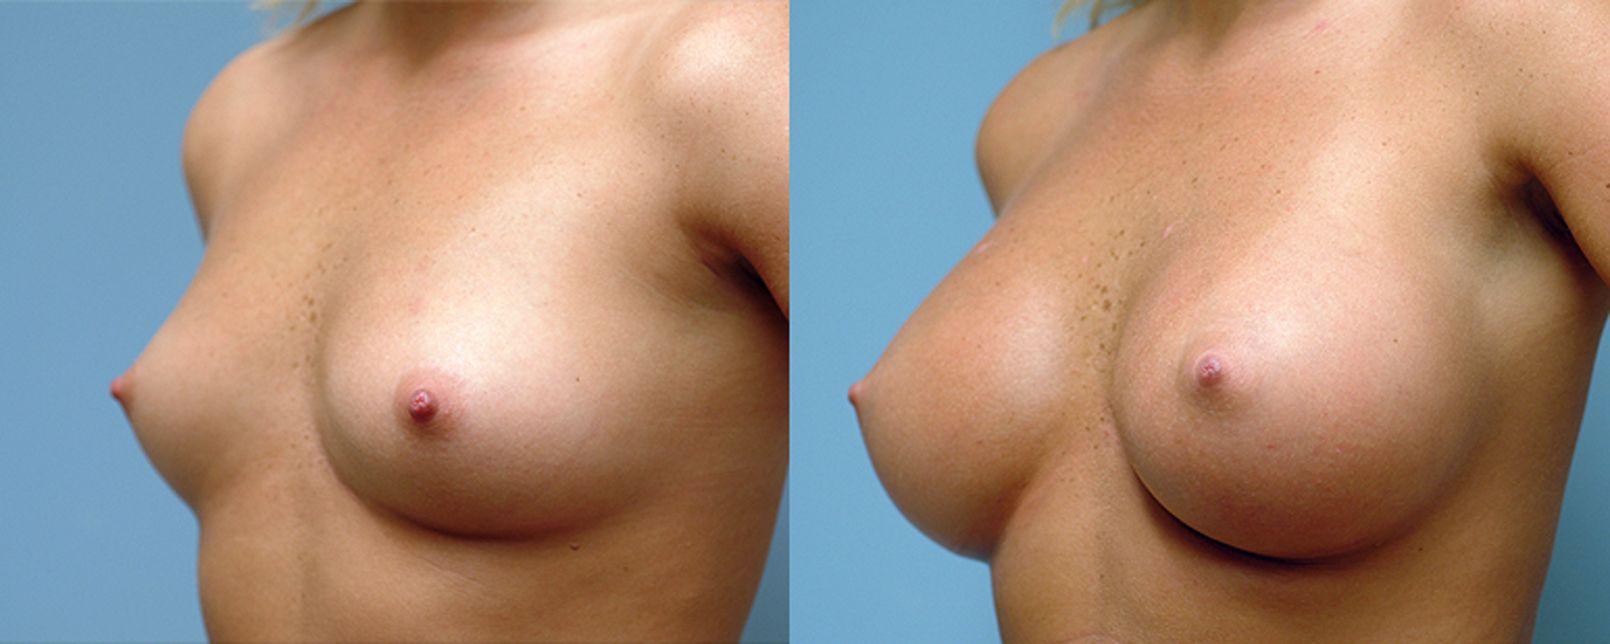 Augment de mames amb pròtesi - Foto 3